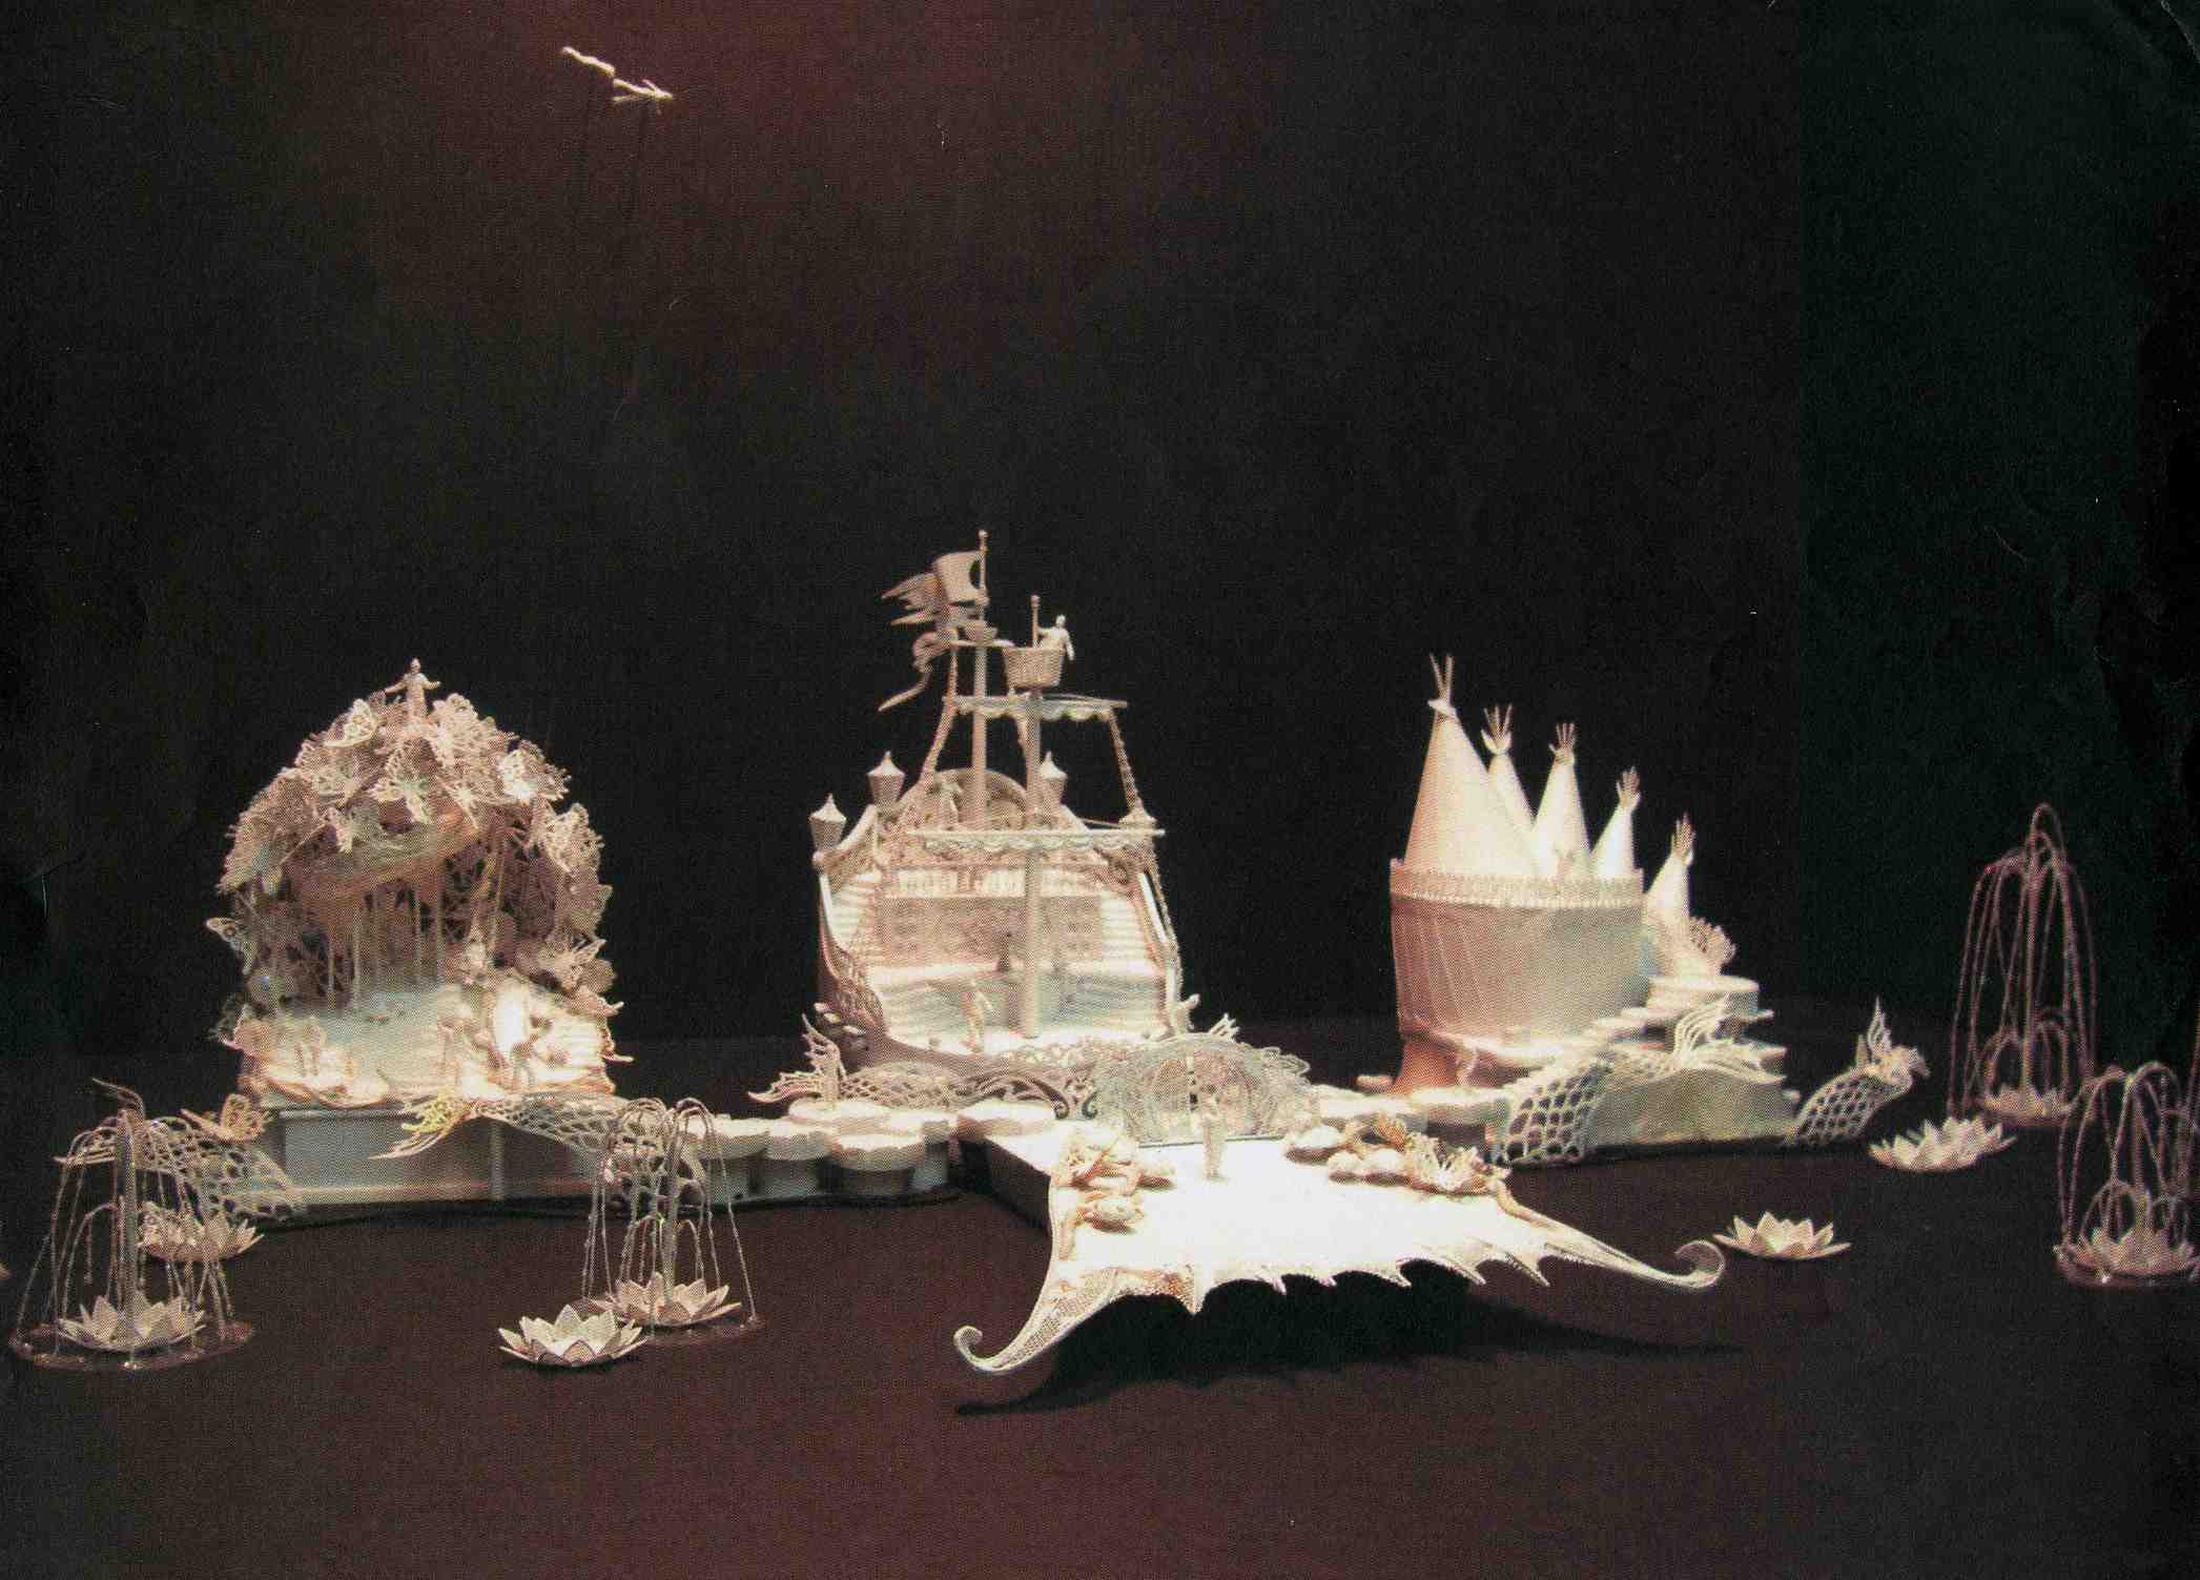 White Model in 1/100ths scale of the Scenic Elements.Model by Rachel Short-Janacko